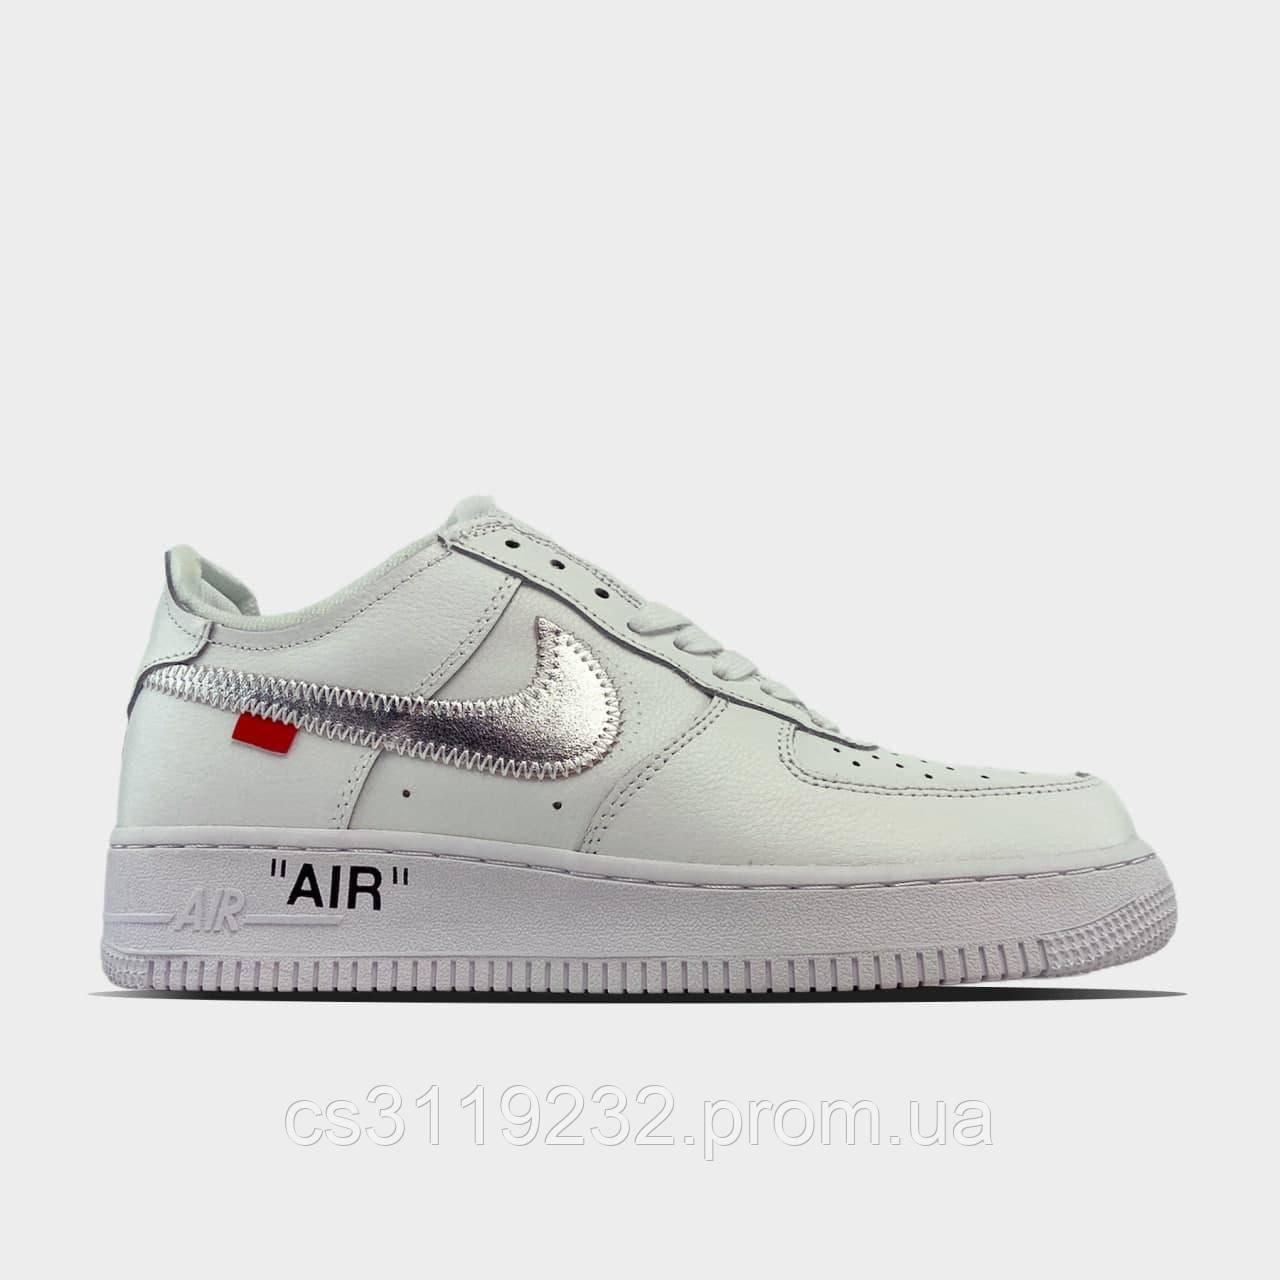 Чоловічі кросівки Nike Air Force 1 '07 Low SE Premium White Black (білі) 36-45р.